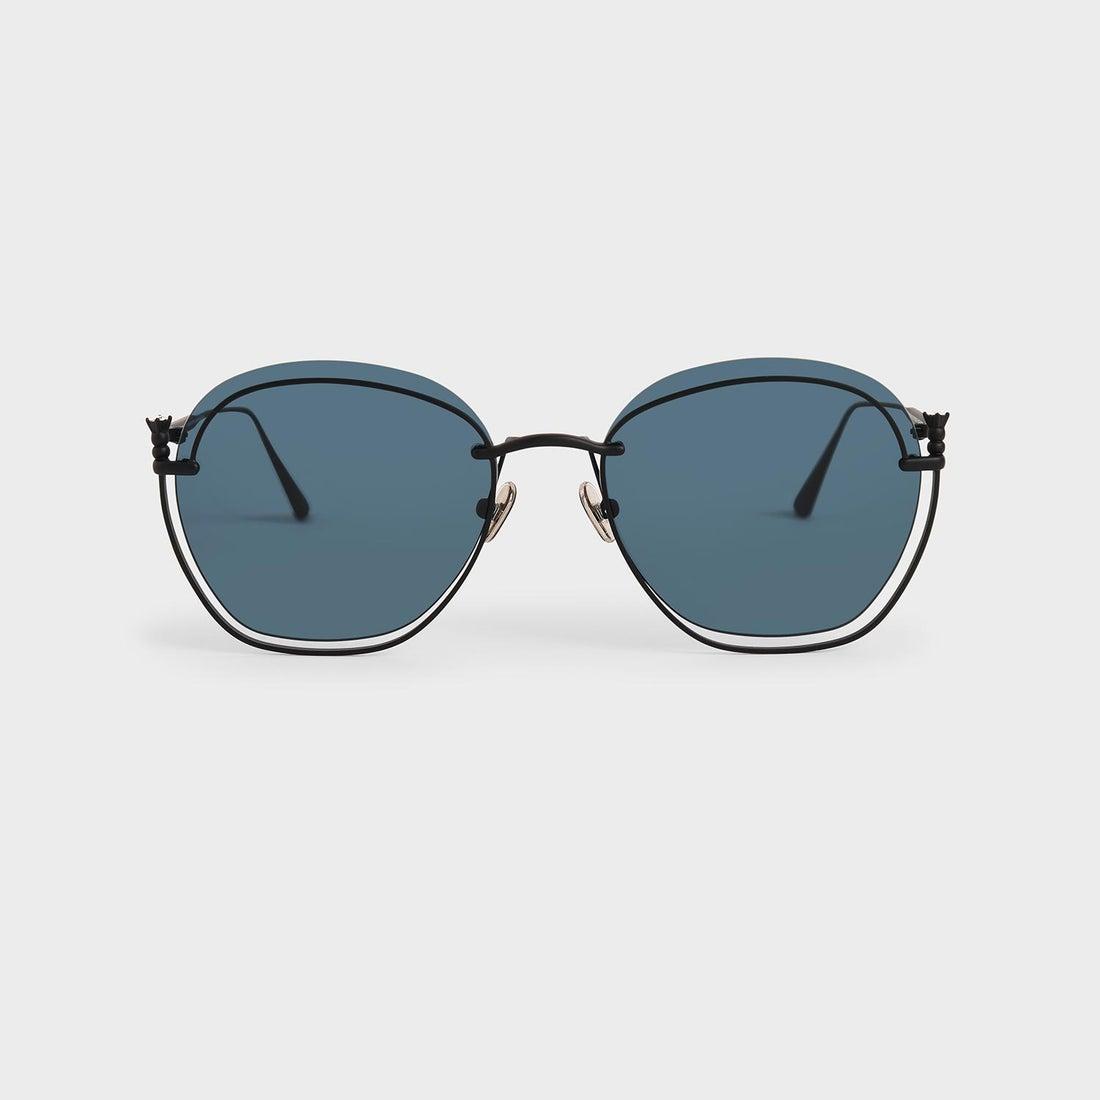 【2020 FALL 新作】カットアウトラウンドサングラス / Cut-Out Round Sunglasses (Dark Blue)